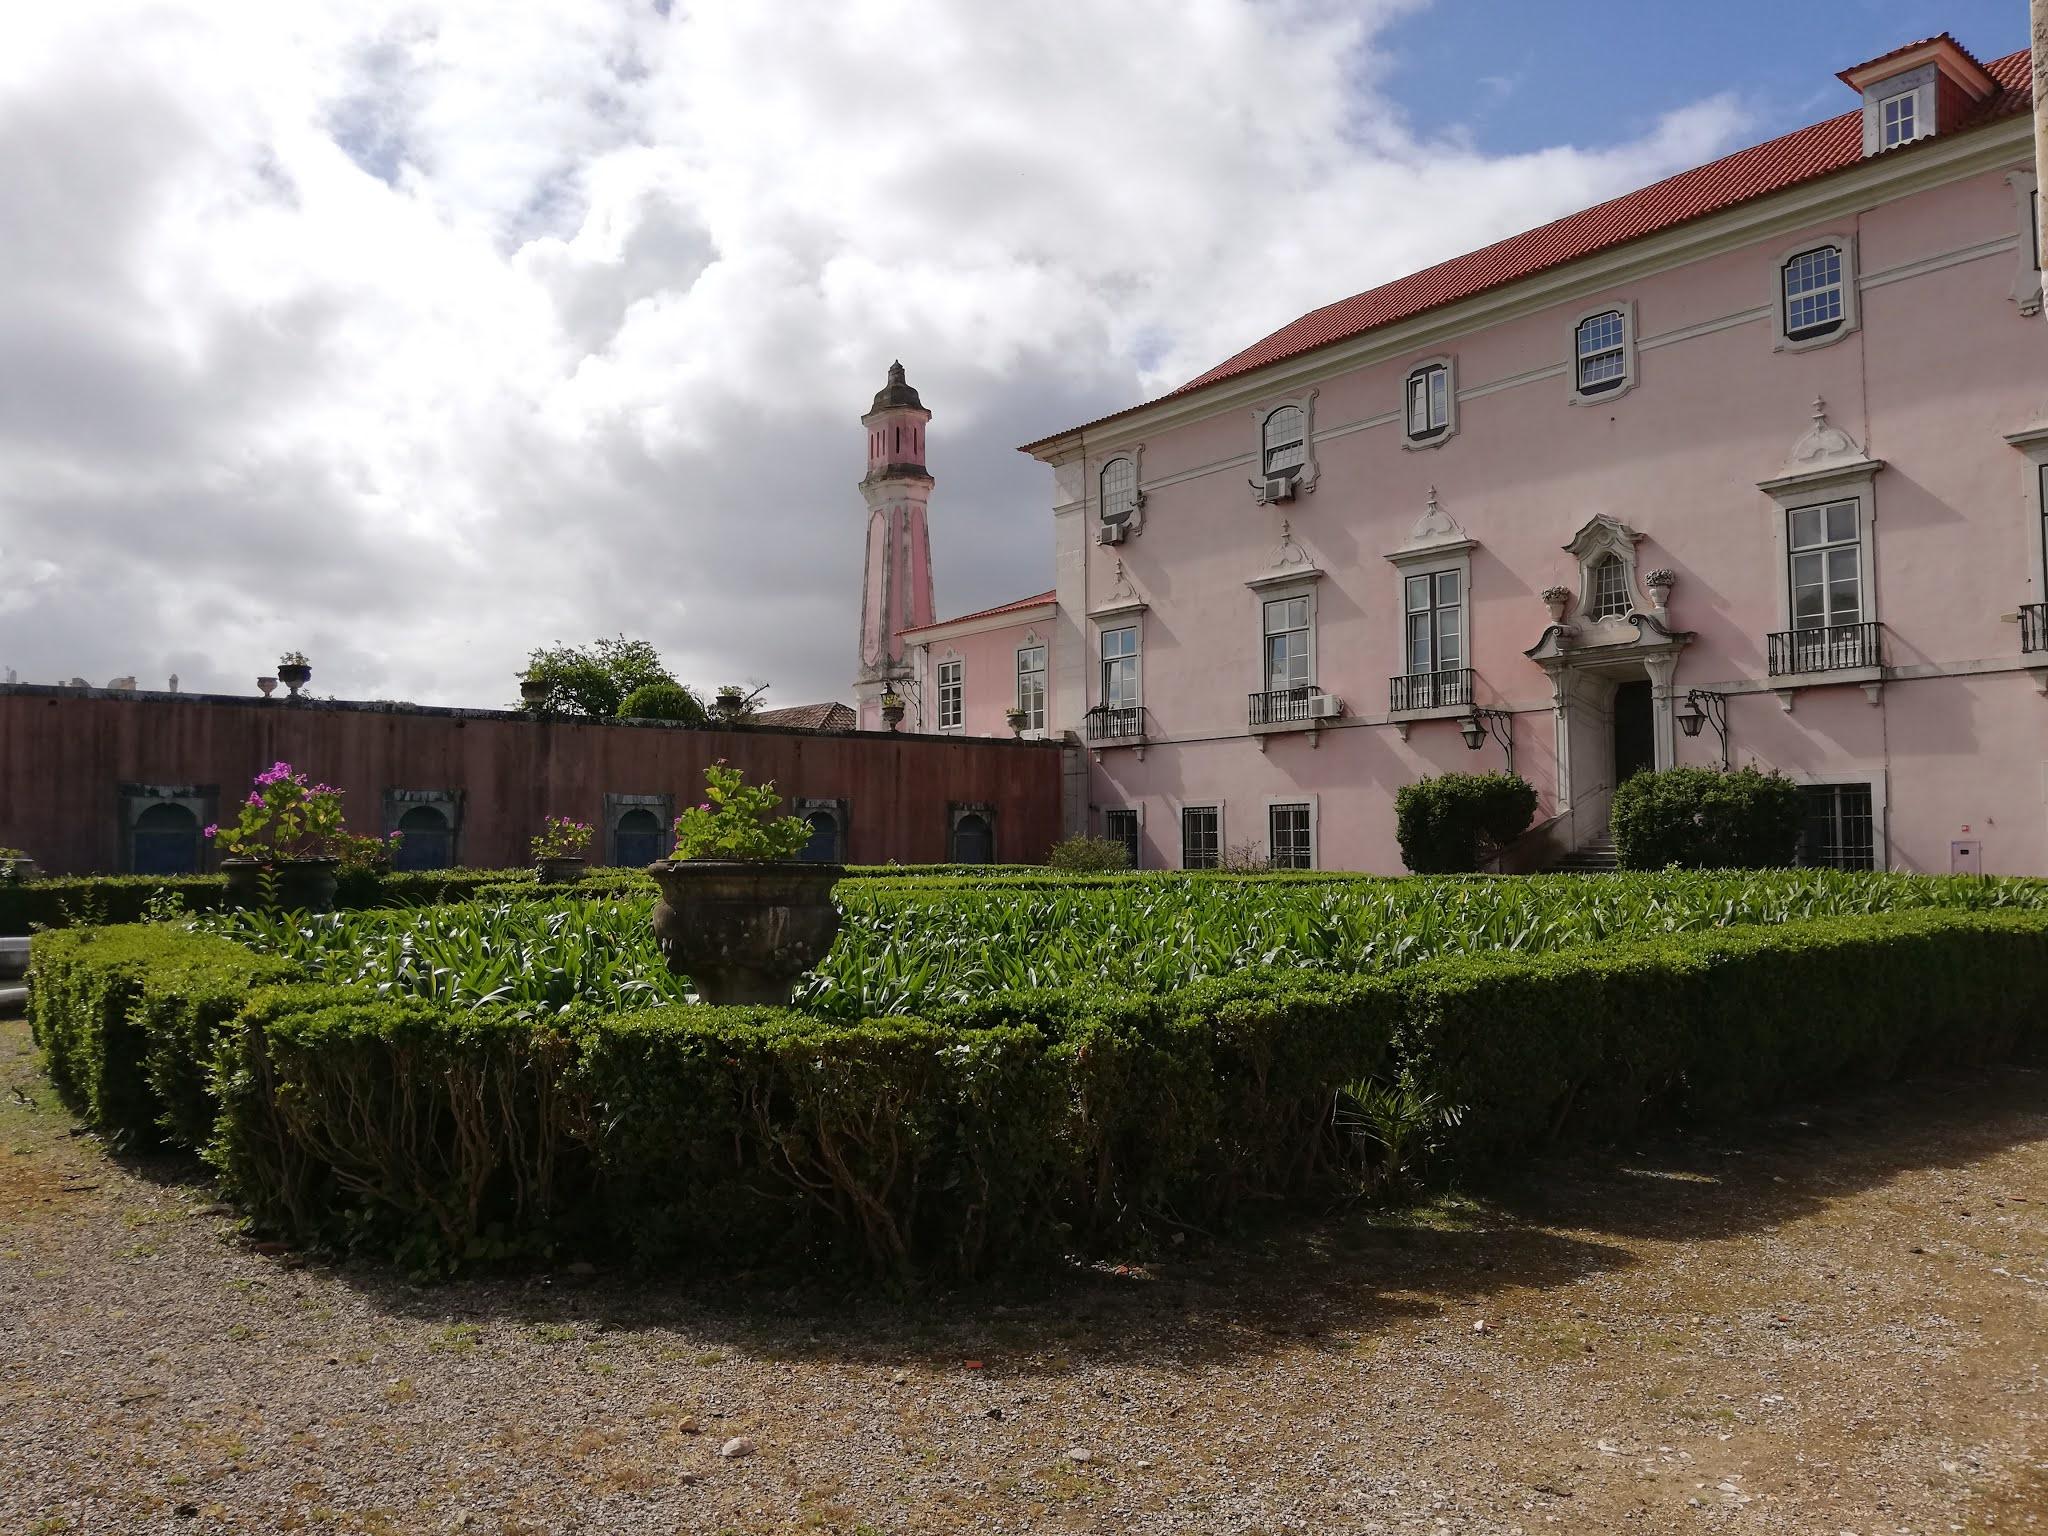 Lateral do palácio, visto através do portão fechado.